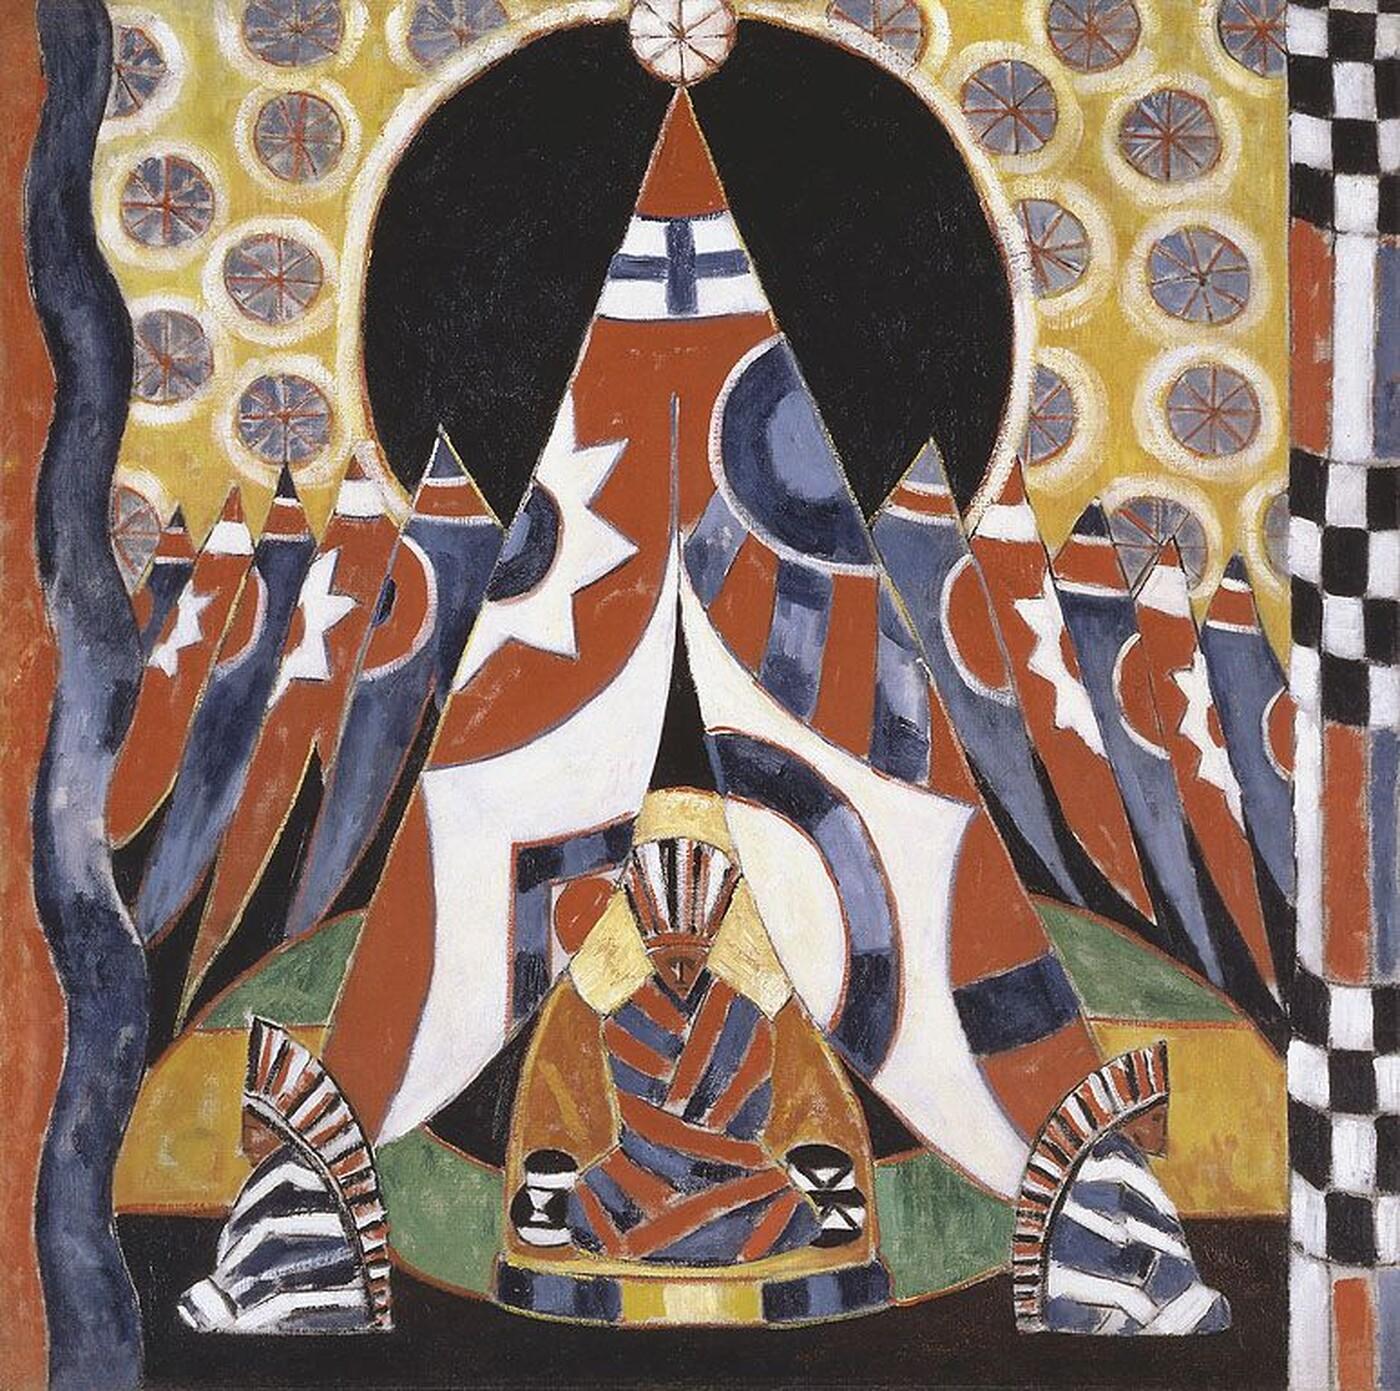 Marsden Hartley, American Indian Symbols, 1914